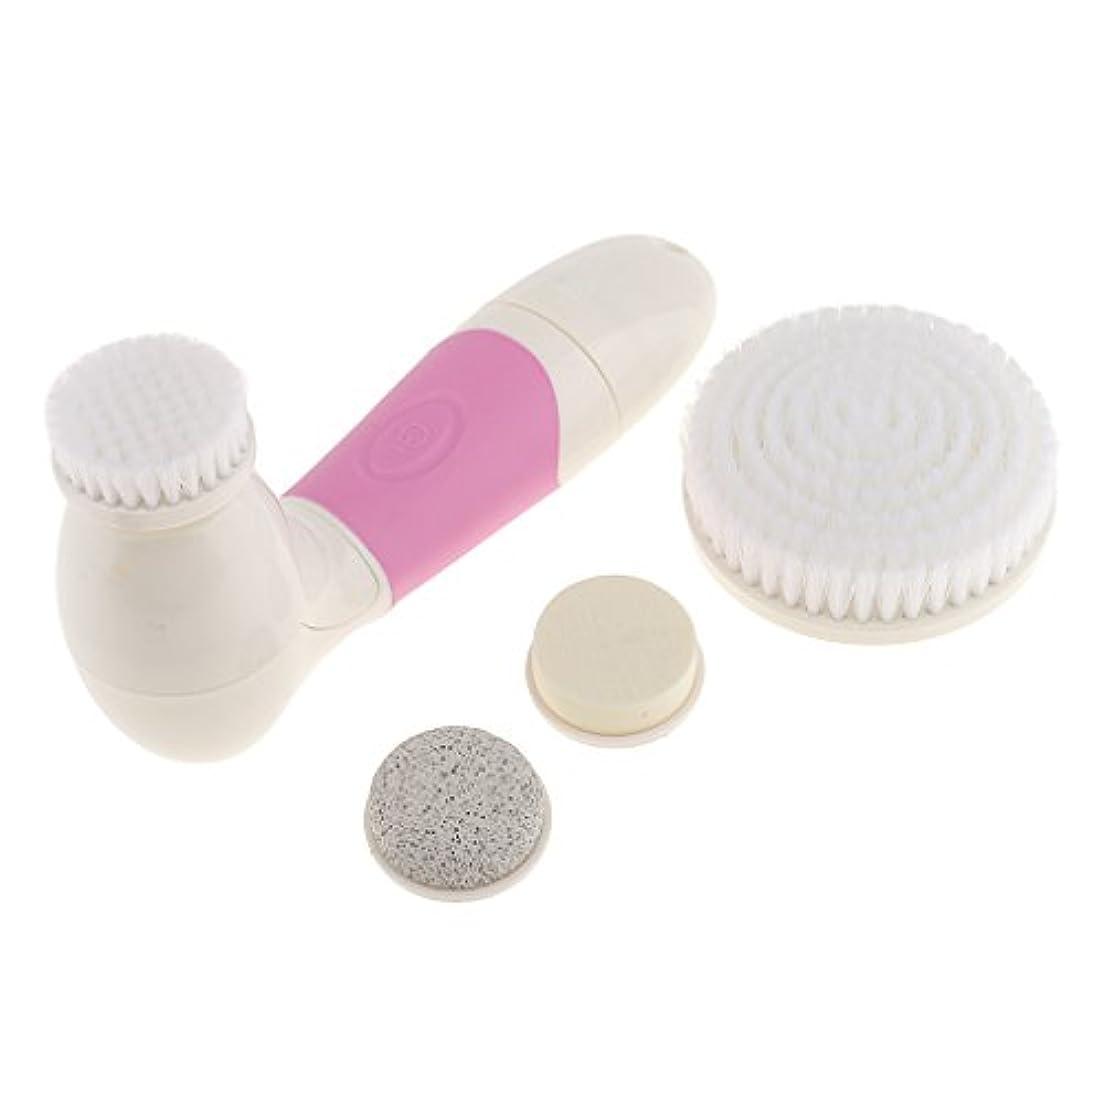 ローブラジカル驚Baosity 四合一多機能 防水 毛穴吸引器美顔器 毛穴ケア にきび/黒ずみ/粗い毛穴を改善 マッサージ器3色 - ピンク